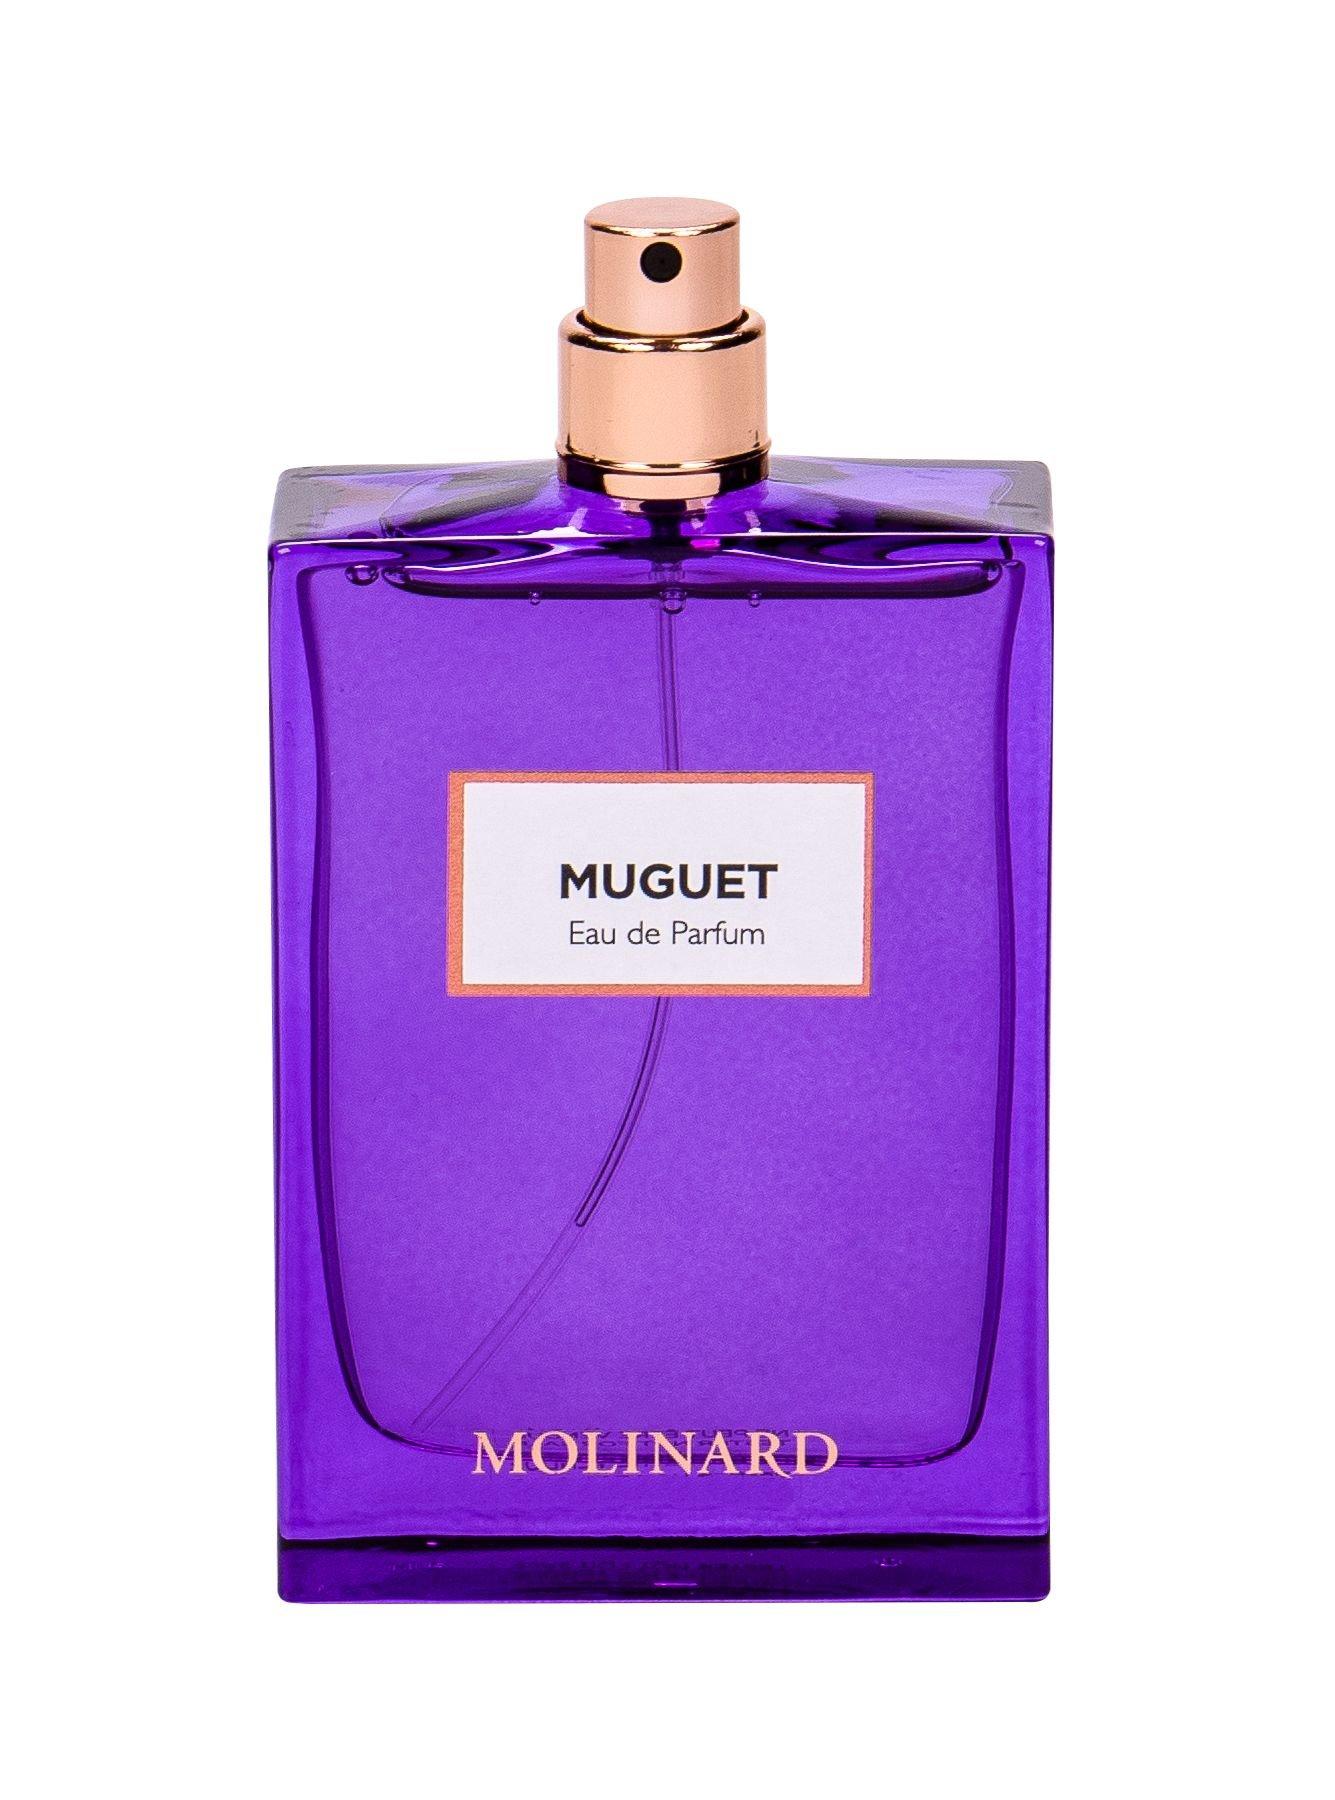 Molinard Les Elements Collection Eau de Parfum 75ml  Muguet